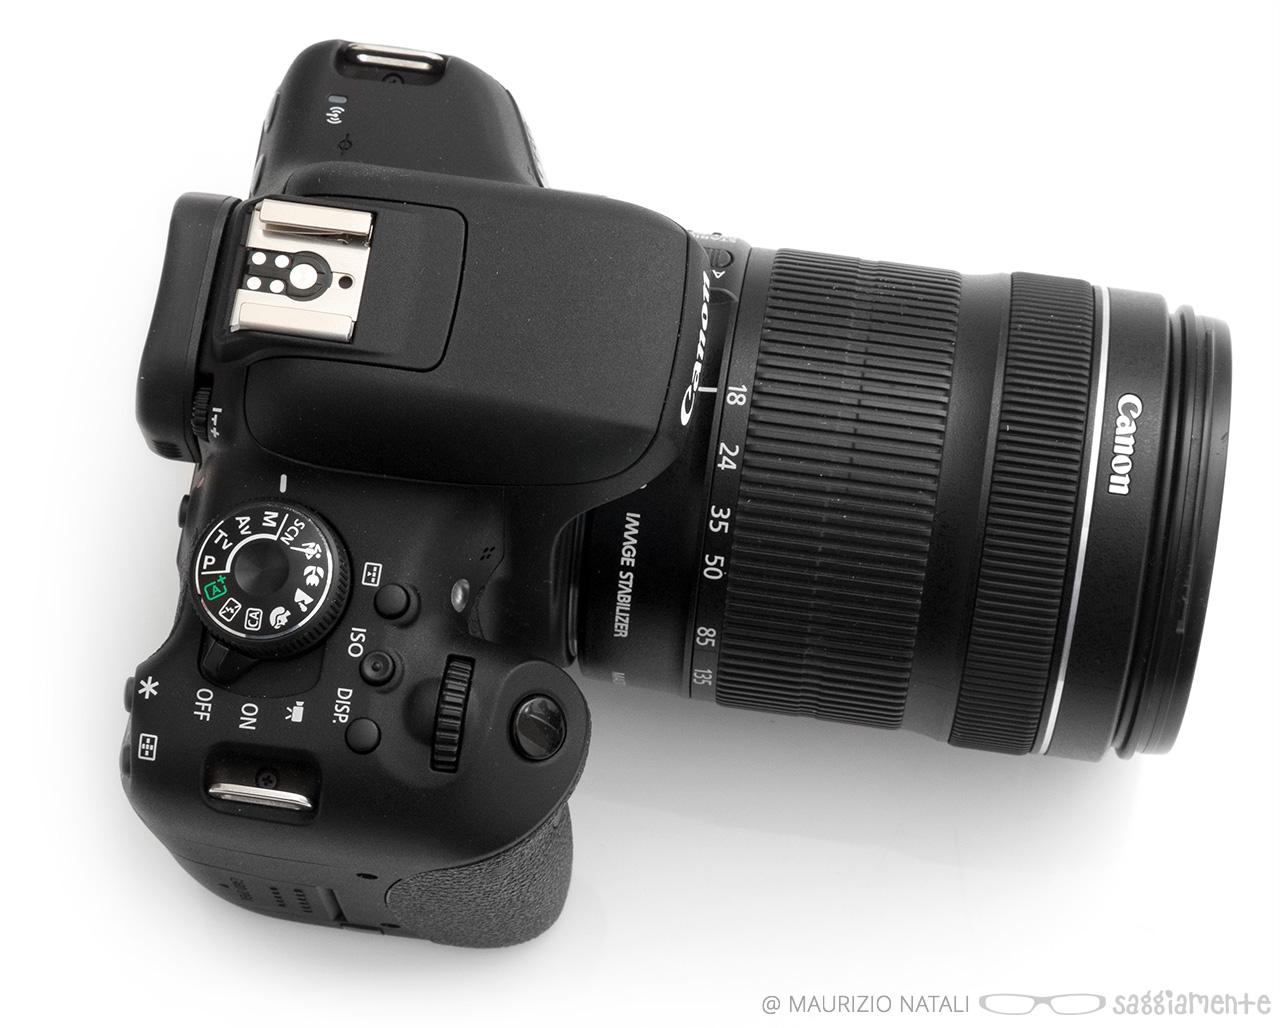 Recensione Canon 750d E 760d La Ribelle Si Sdoppia Compie Un Eos Kit Ef S18 55mm Is Stm Eos750d 750 D Top